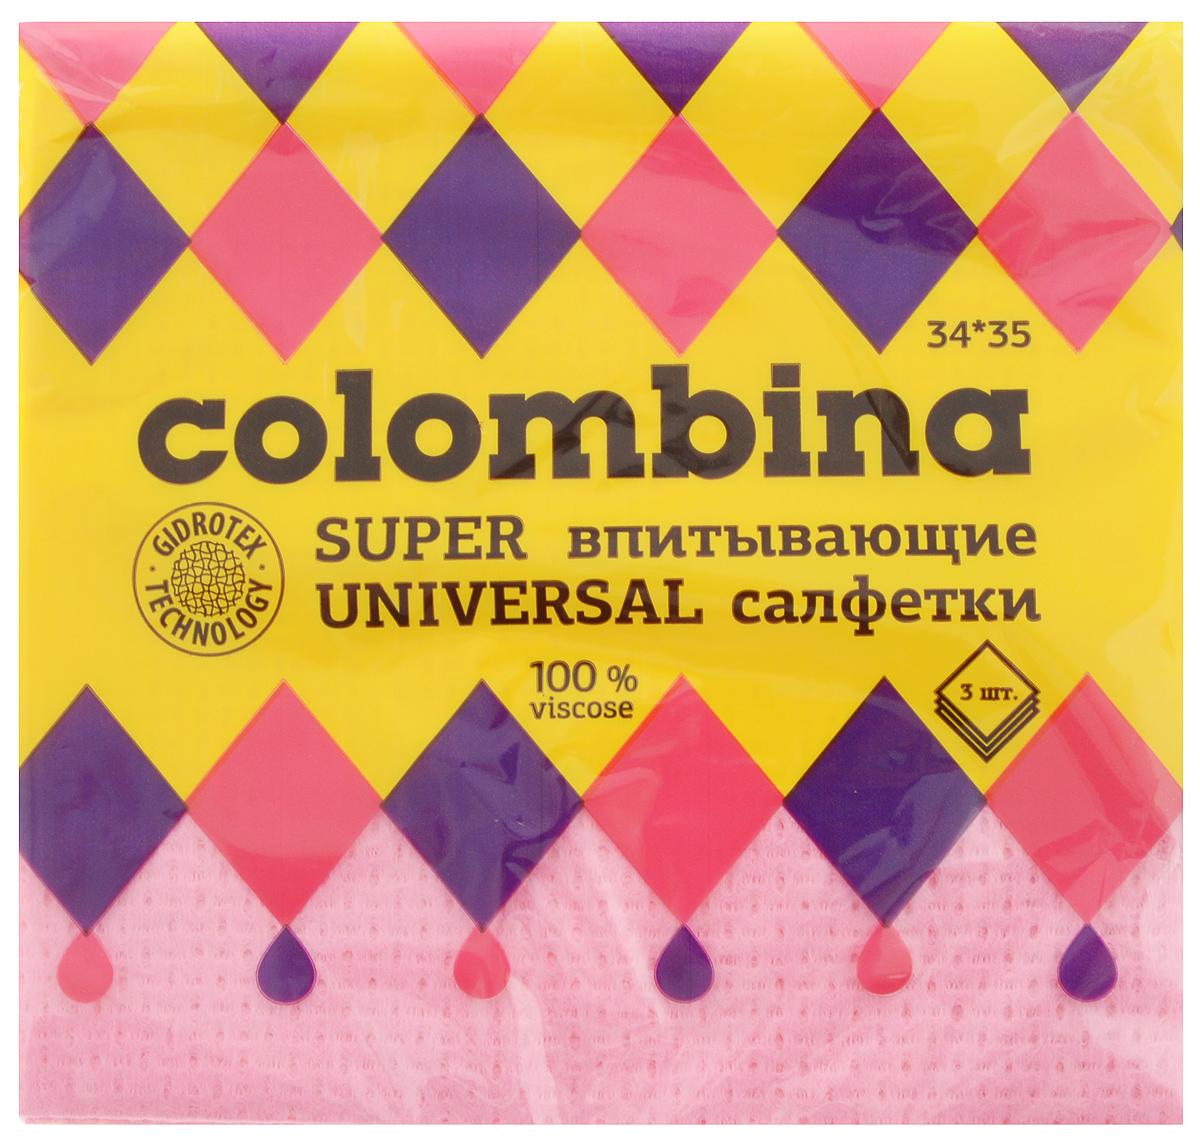 Набор салфеток Colombina Universal, супервпитывающие, цвет: розовый, 34 х 35 см, 3 штК2.1_розовыйСалфетки Colombina Universal состоят из 100% вискозы без добавления синтетики. Изделия предназначены для сухой и влажной уборки. Отлично впитывают жидкости, жиры, масла. Пригодны для многоразового использования, долговечны, не оставляют следов и ворсинок. Приятные на ощупь, не вызывают раздражения и гипоаллергенны. Размер салфетки: 34 х 35 см.